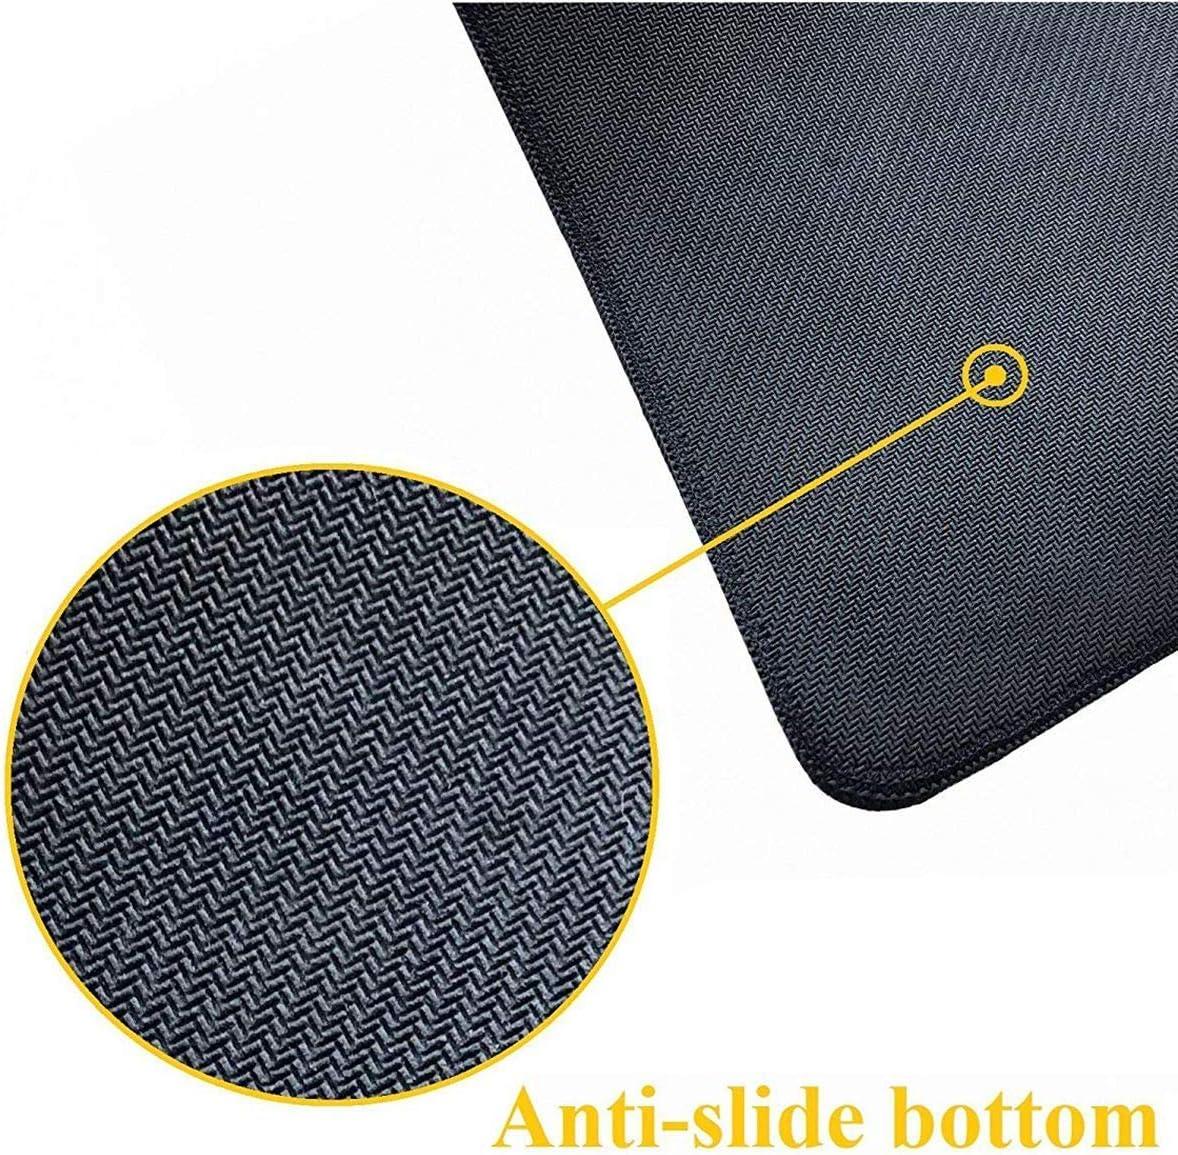 MAR Colour Belts 300H 100/% Cotton M.A.R International Ltd